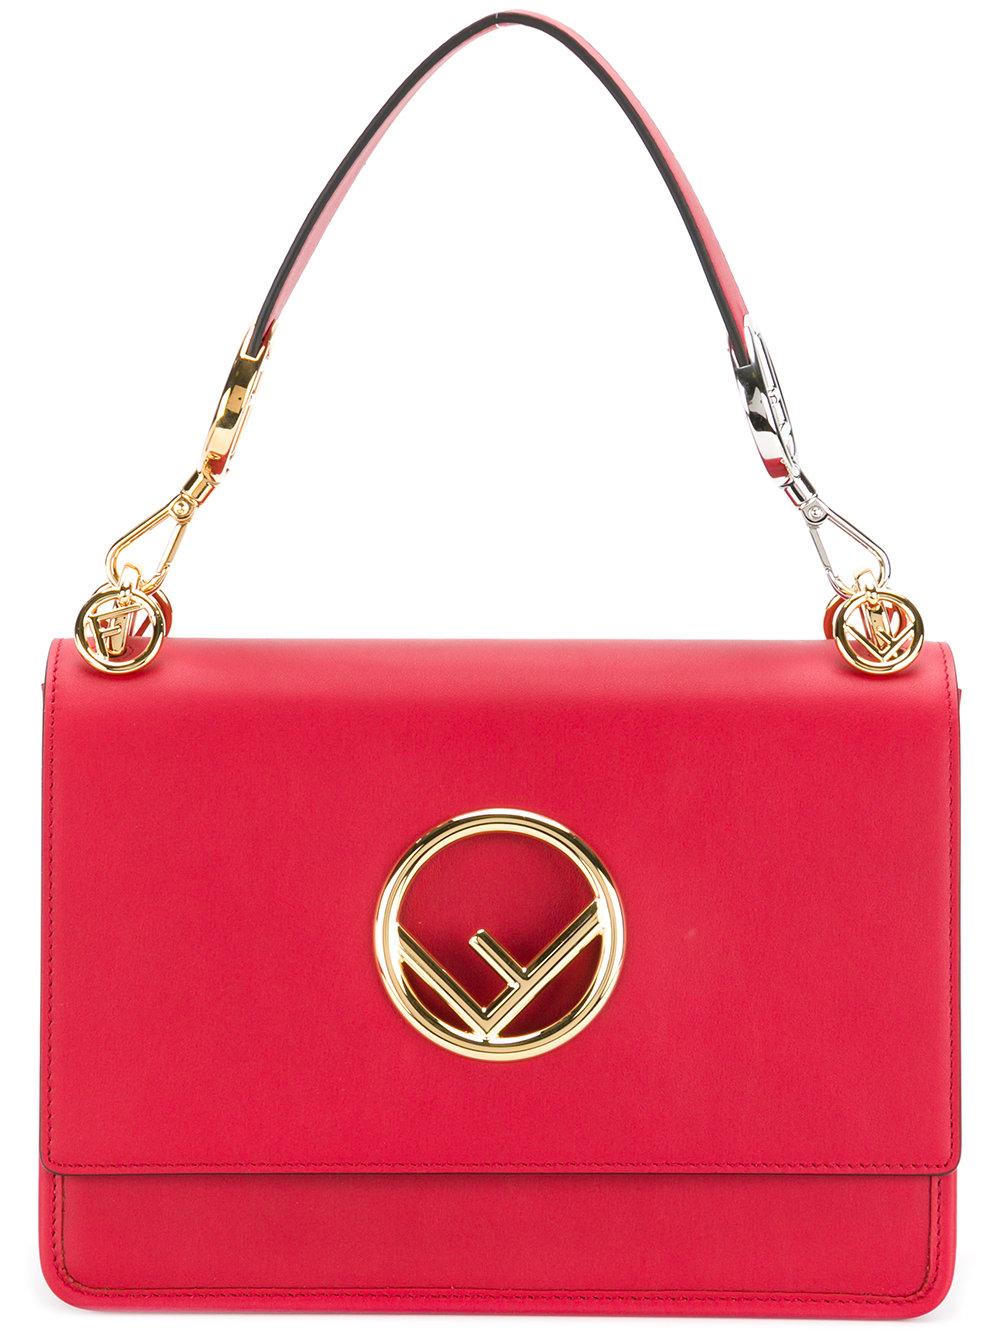 FENDI shoulder bag - $2,250